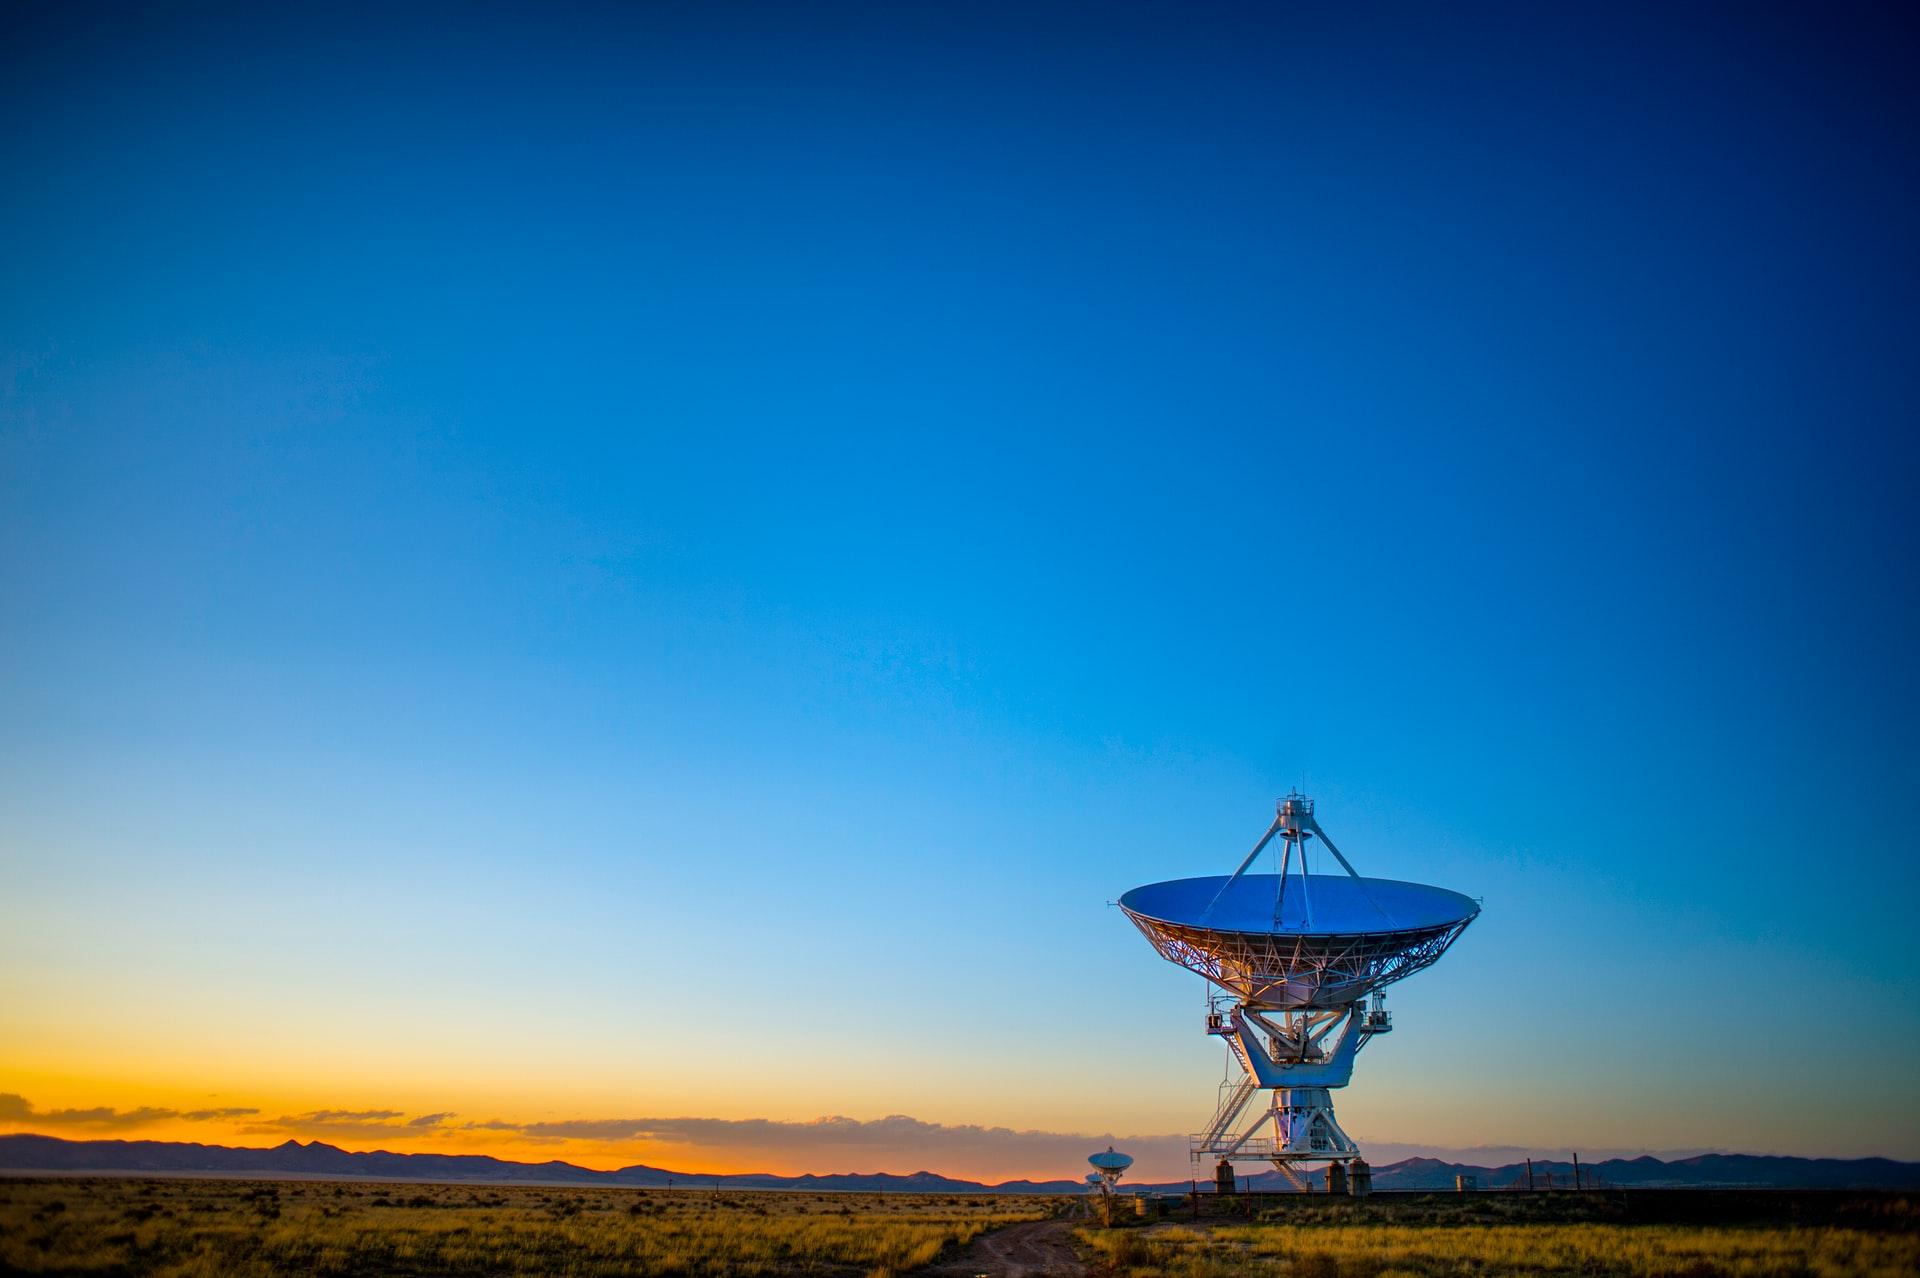 Satellite dish - Artificial satellite